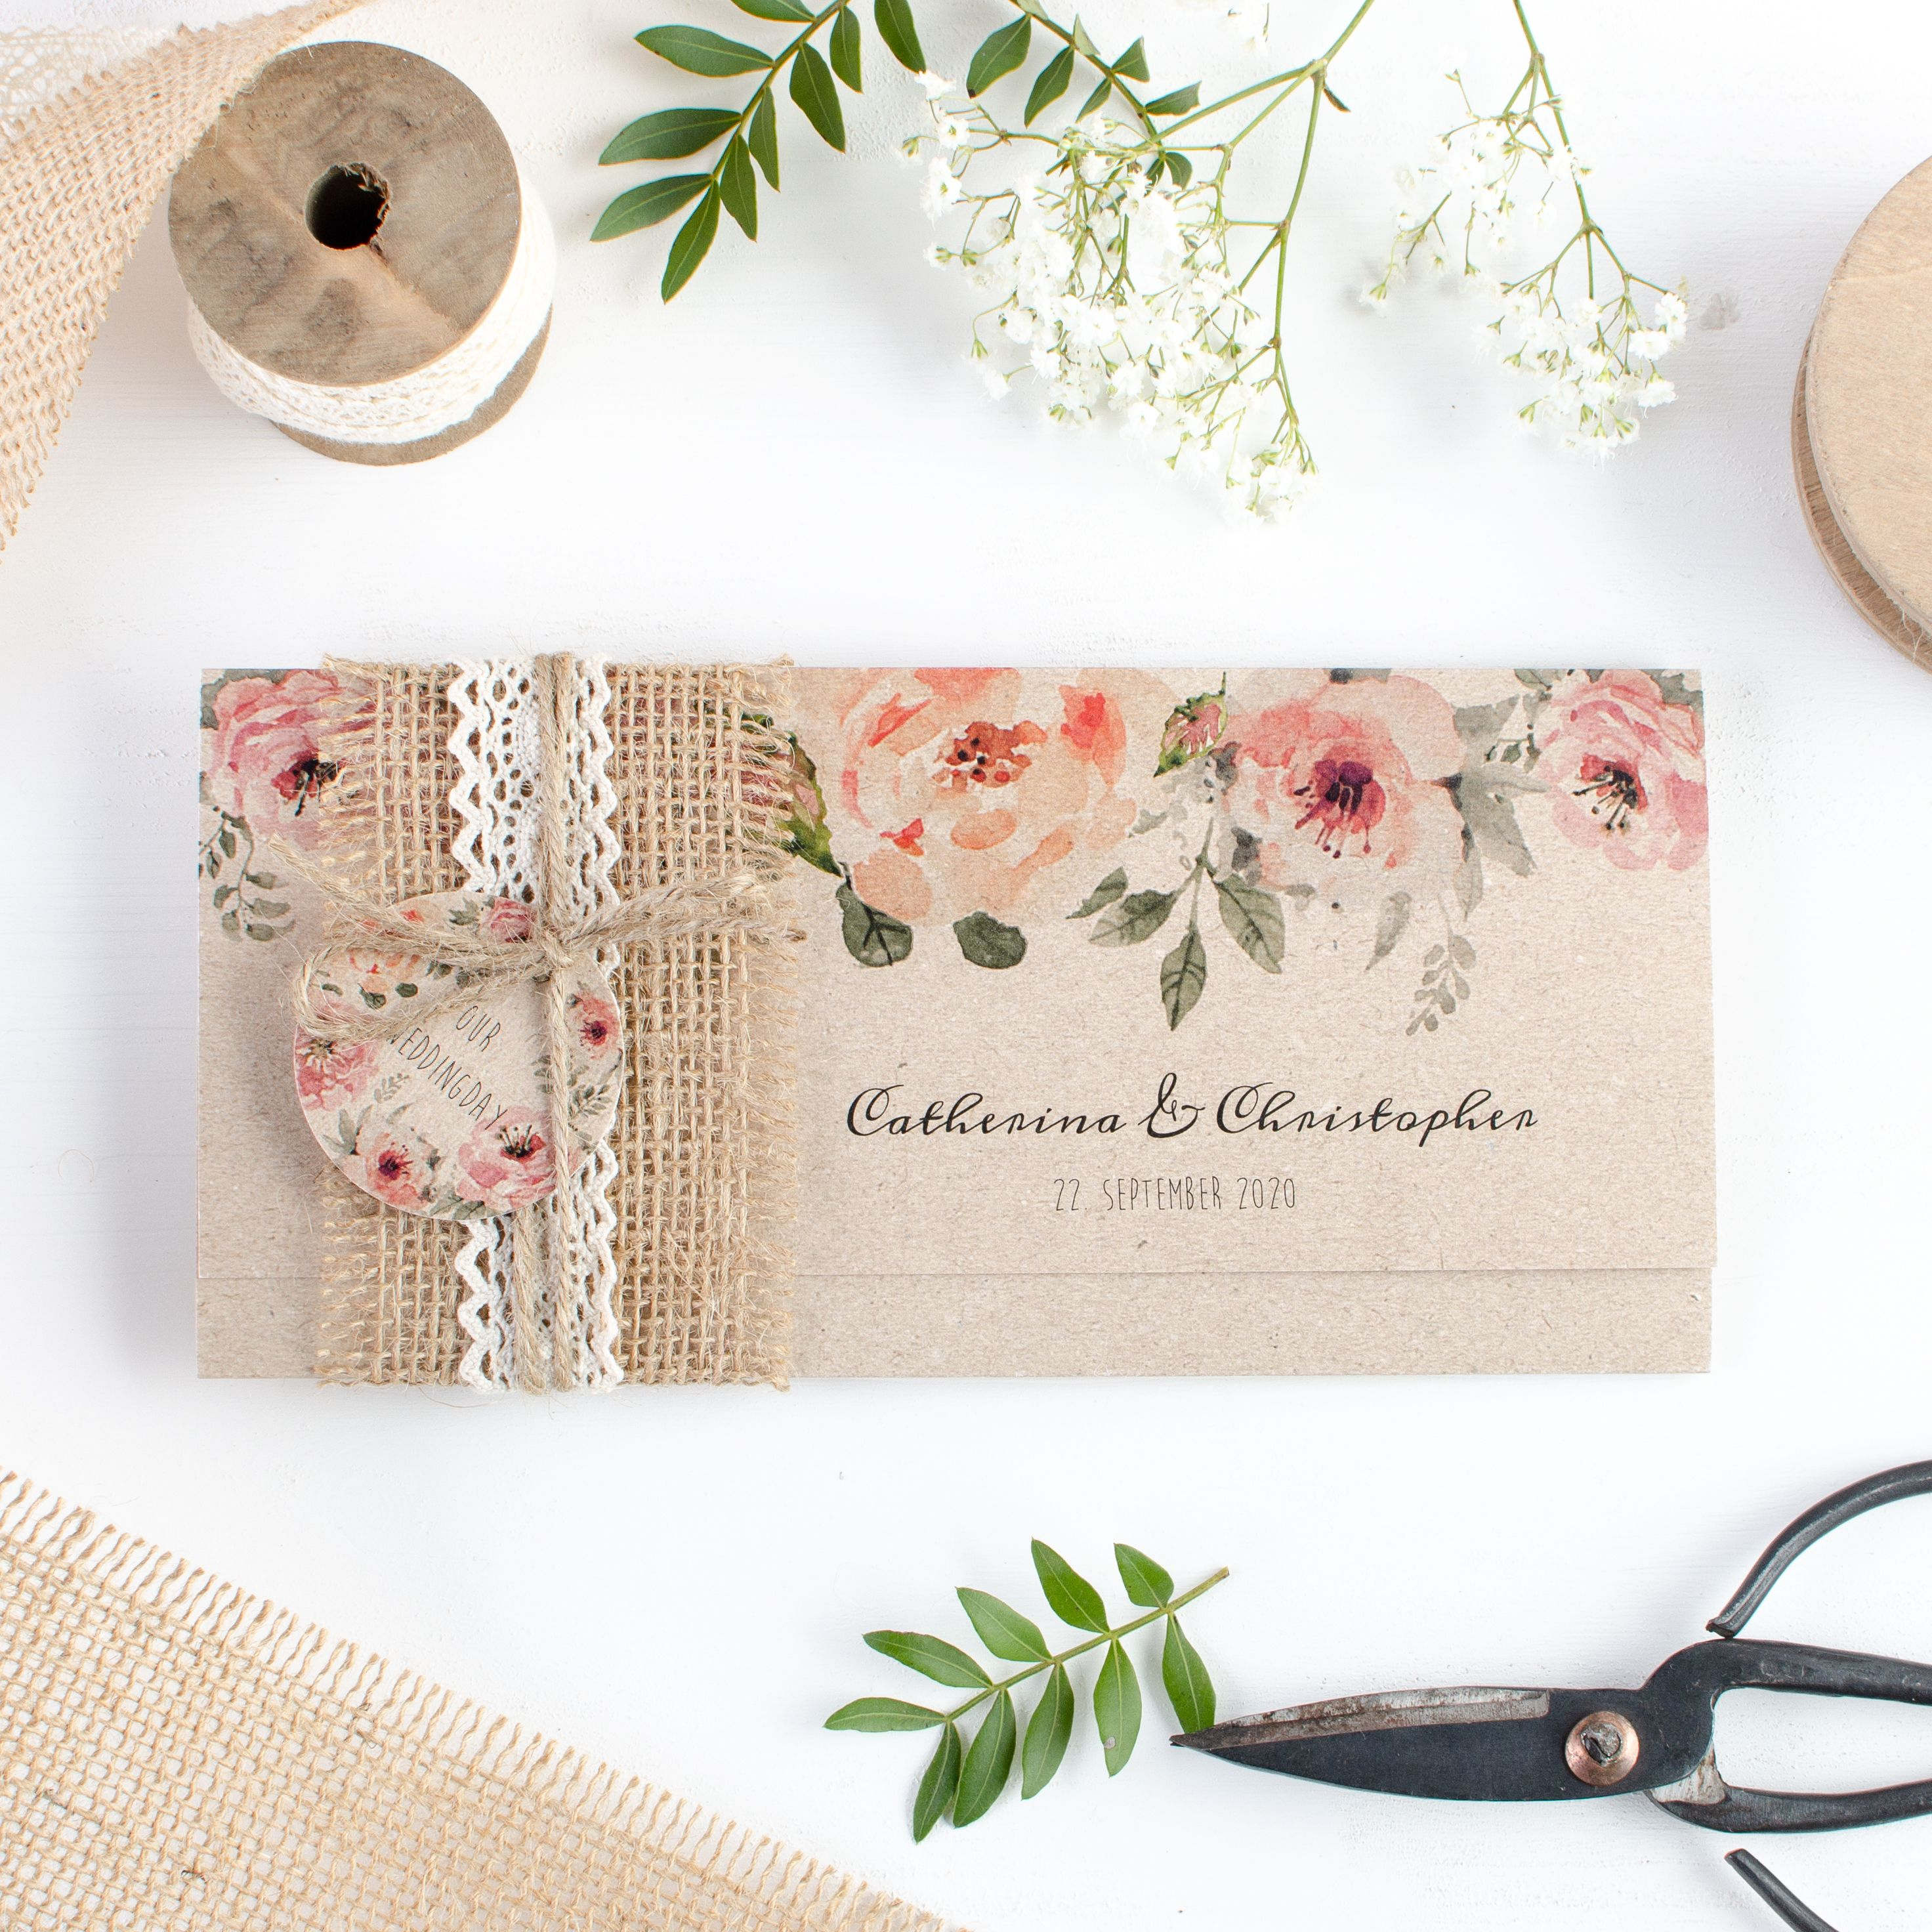 Catherina Und Christopher Einladungskarte Hochzeit Vintage